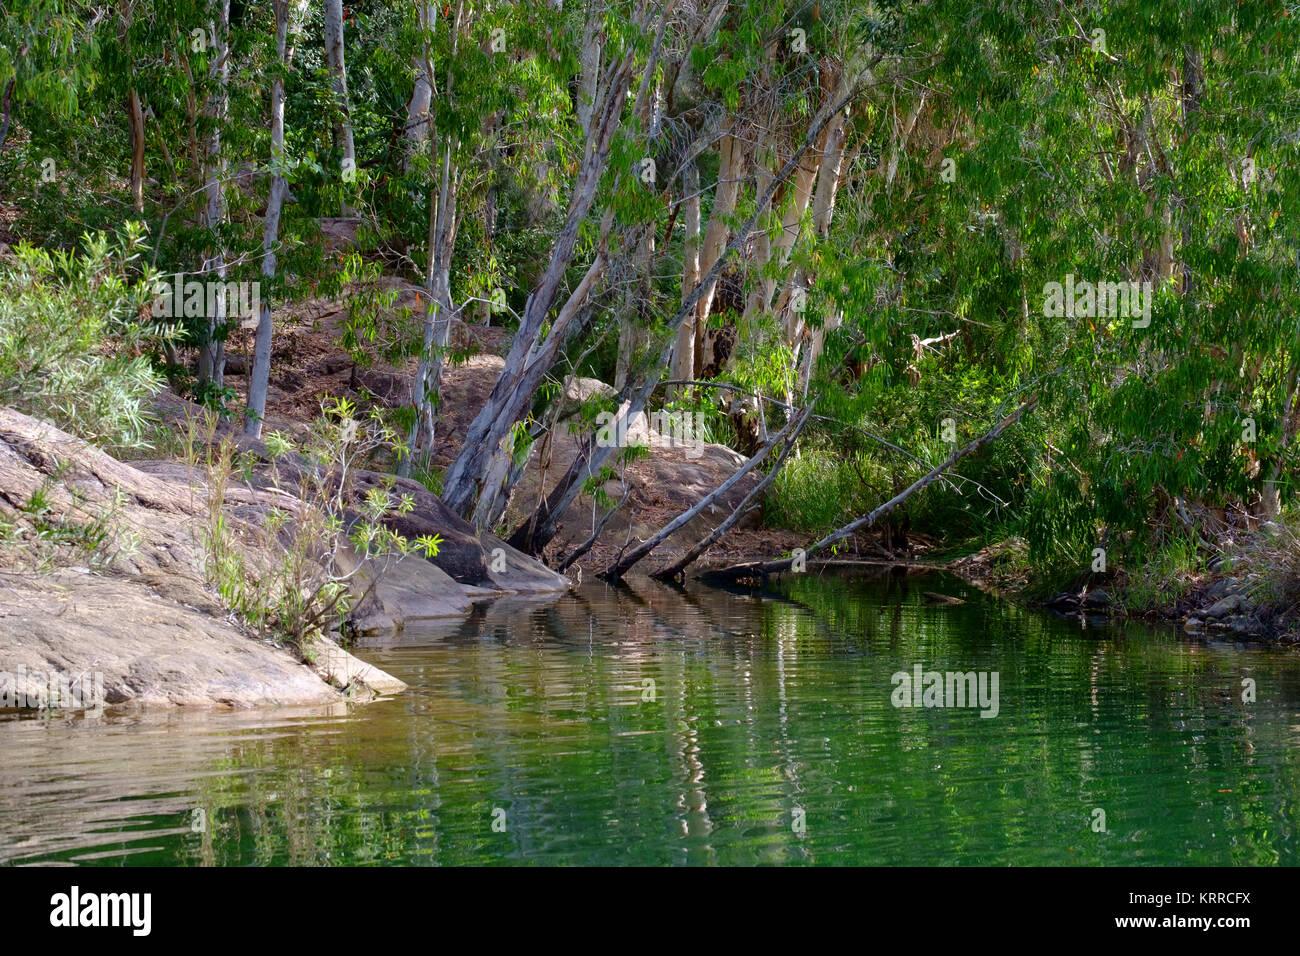 Paluma National Park Stock Photos Paluma National Park Stock Images Alamy